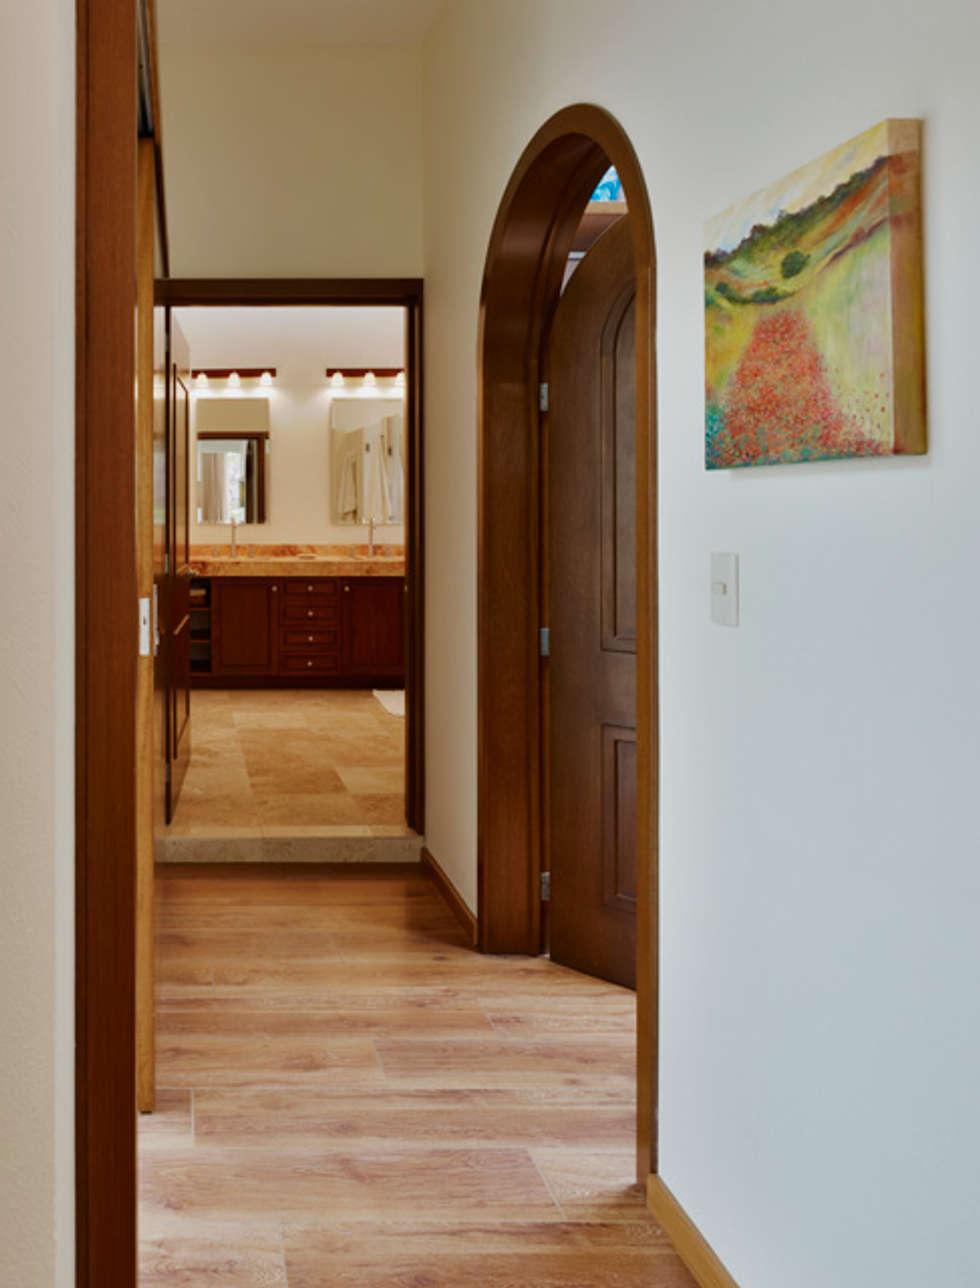 pasillo al baño: Baños de estilo  por Excelencia en Diseño